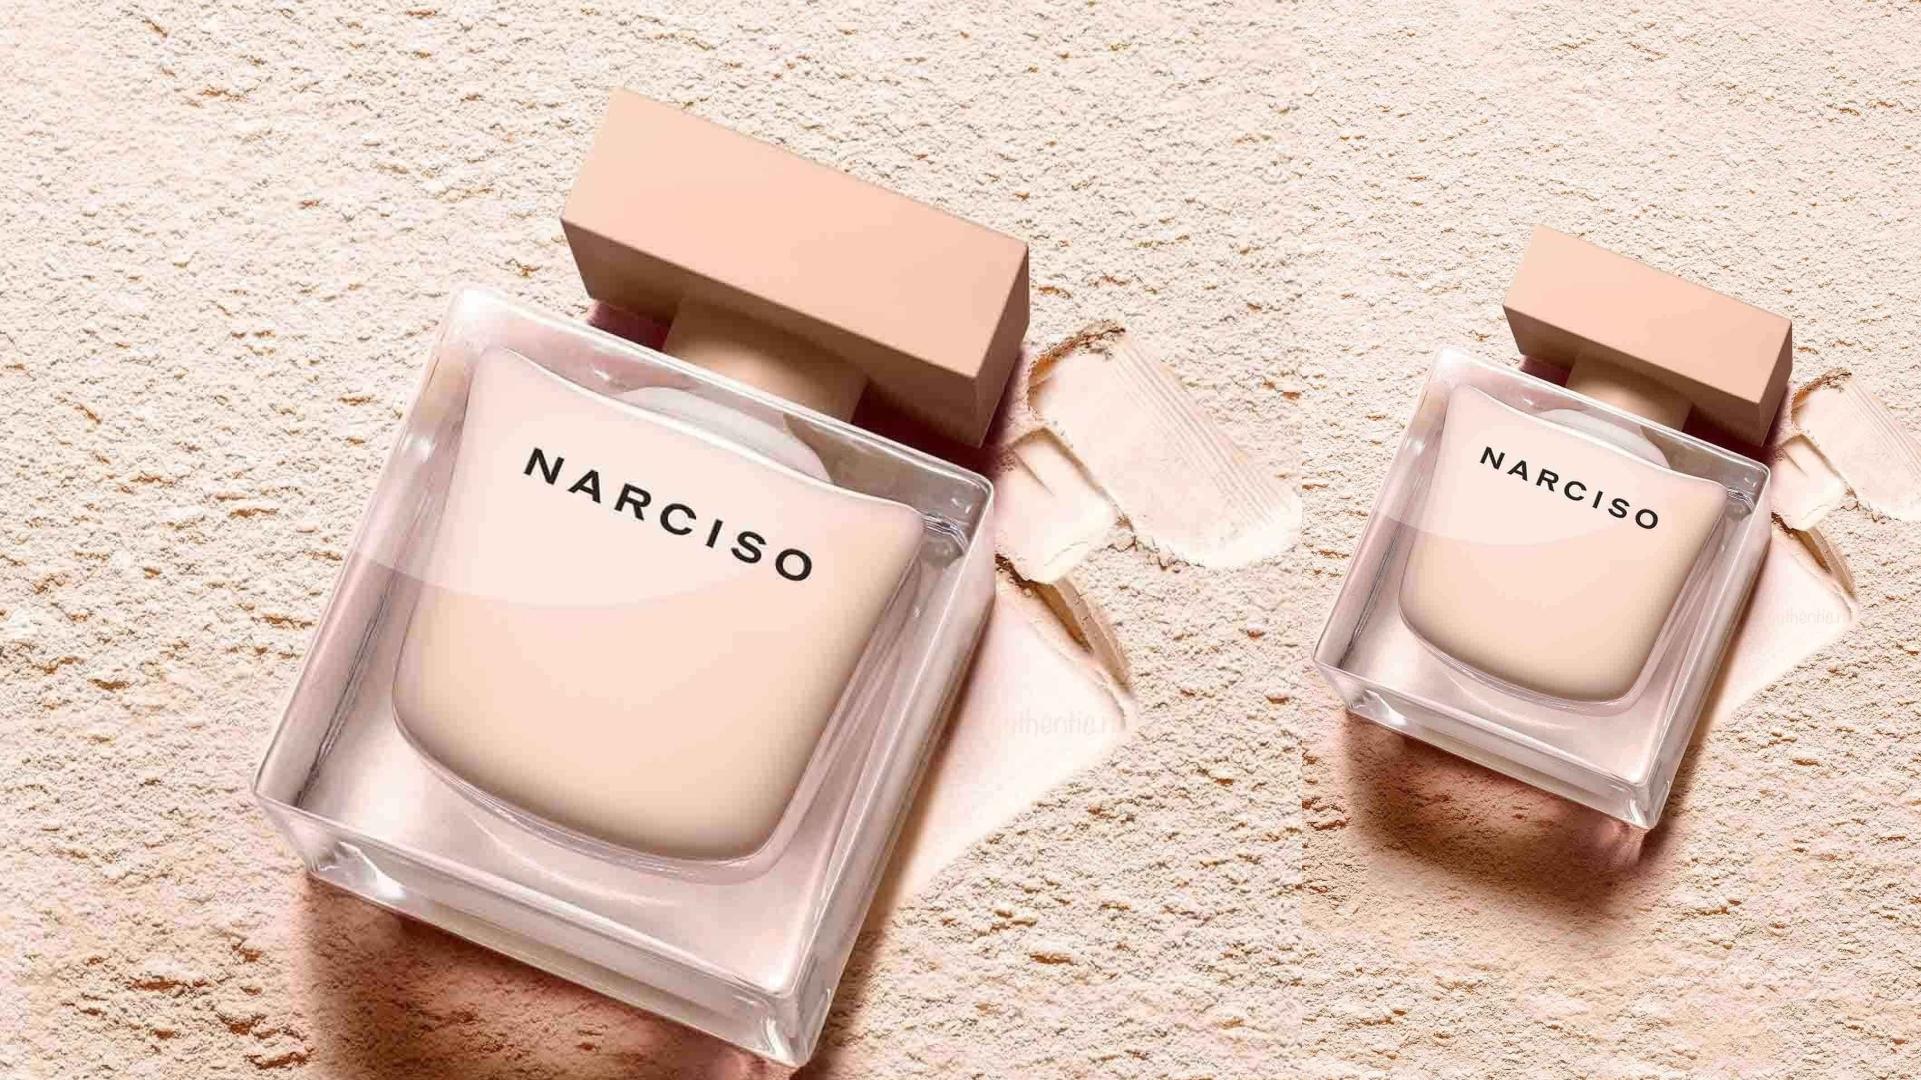 powdery perfumes